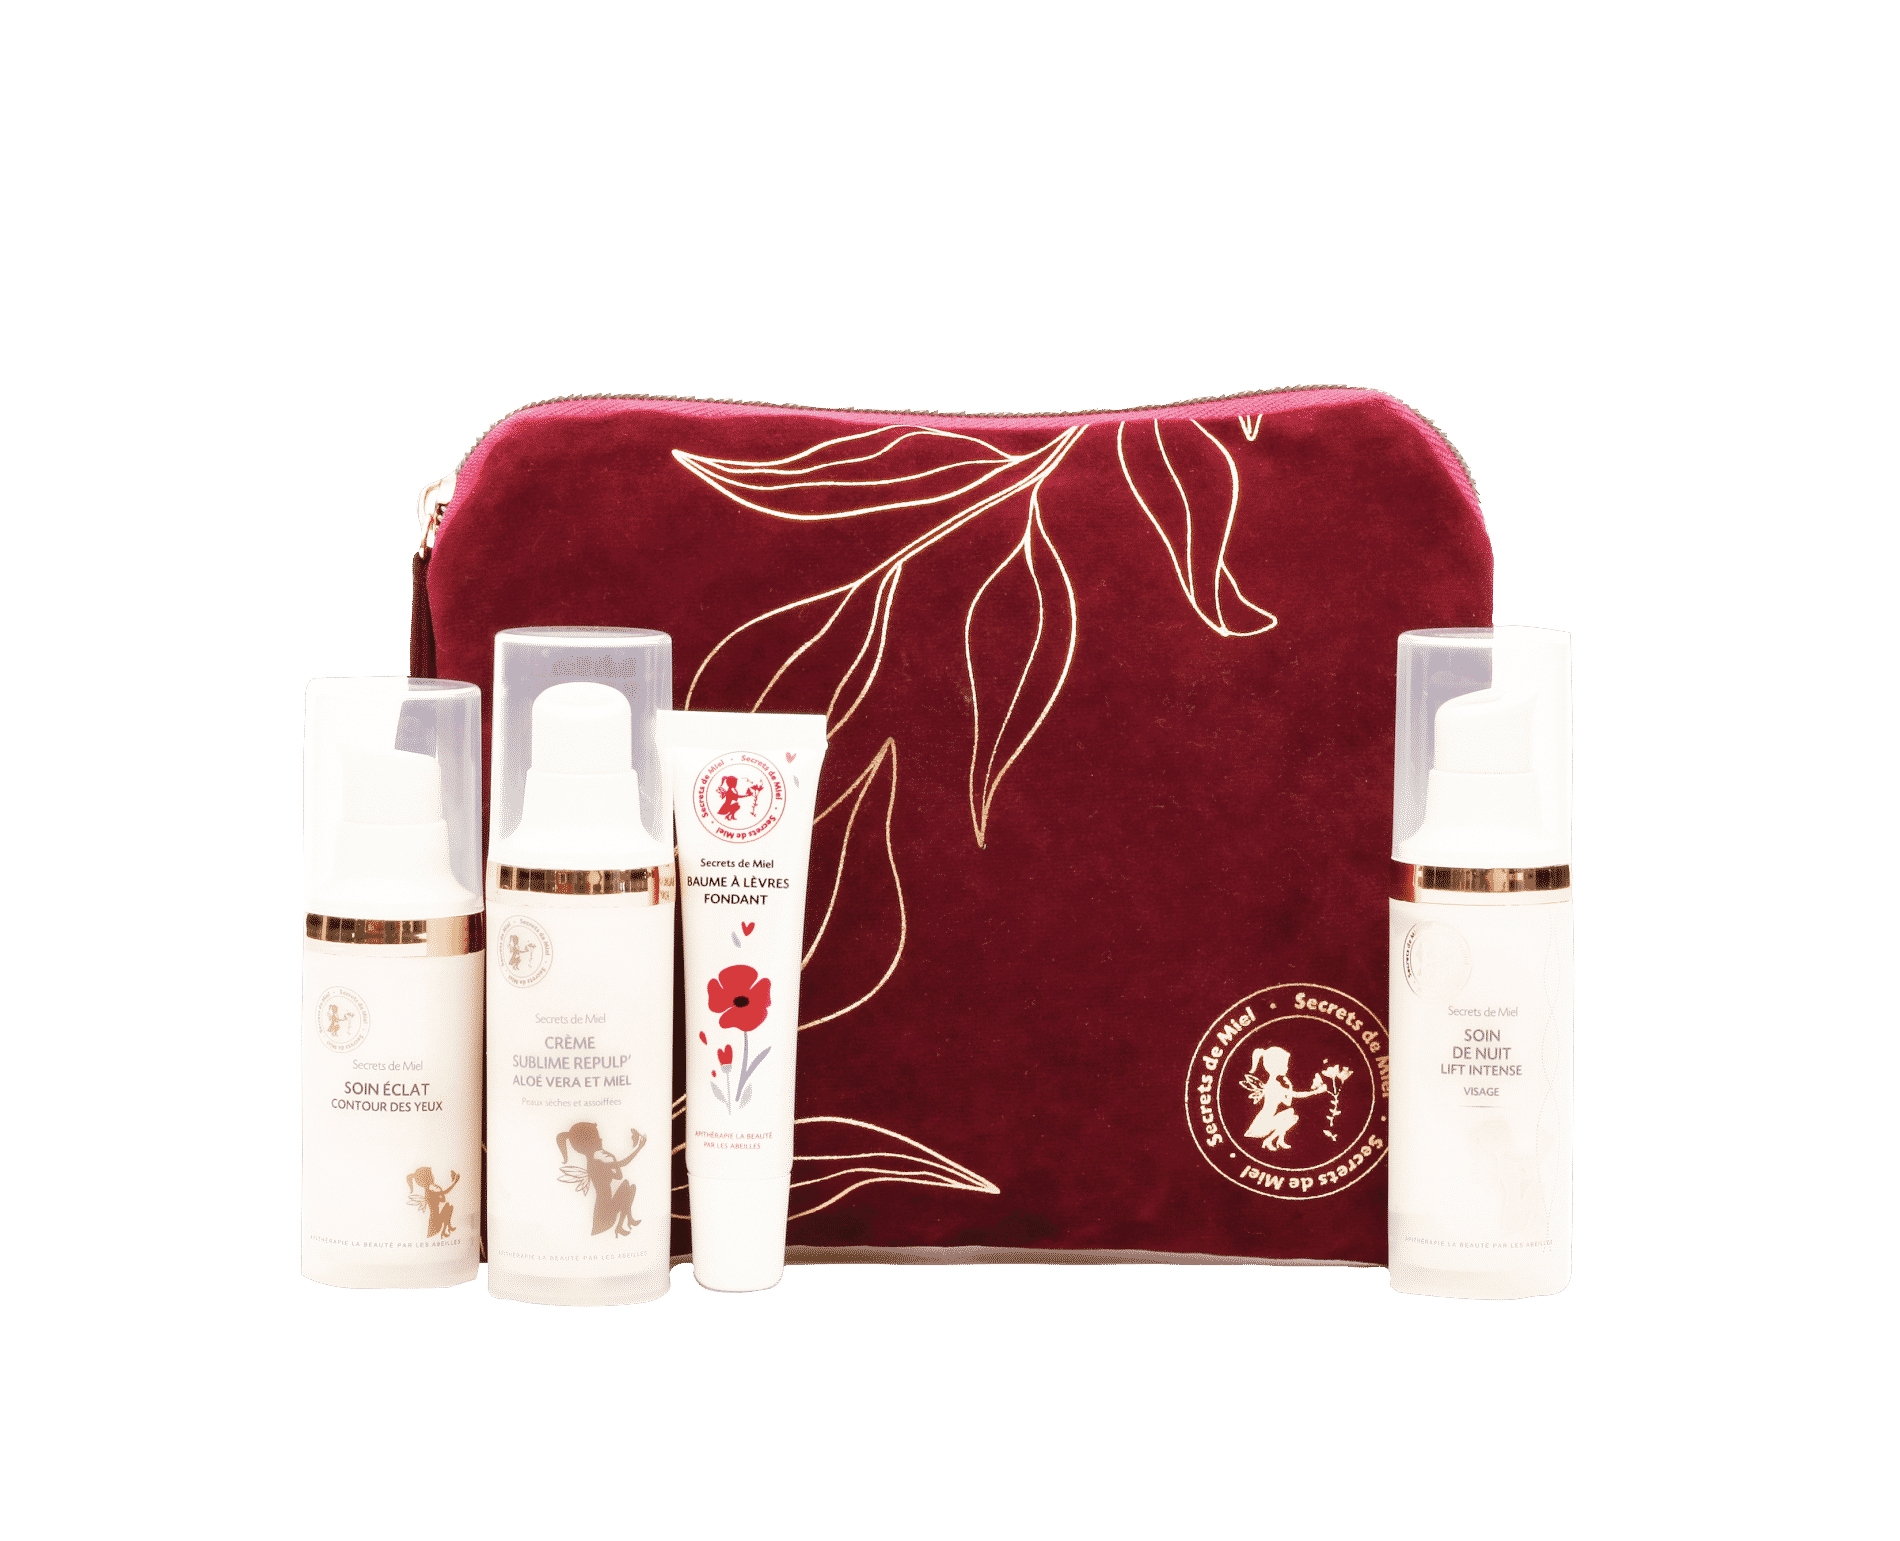 coffret cosmétiques - noël - cadeau - crèmes visage - lift - cadeau personnalisable - produits naturels - Made in France